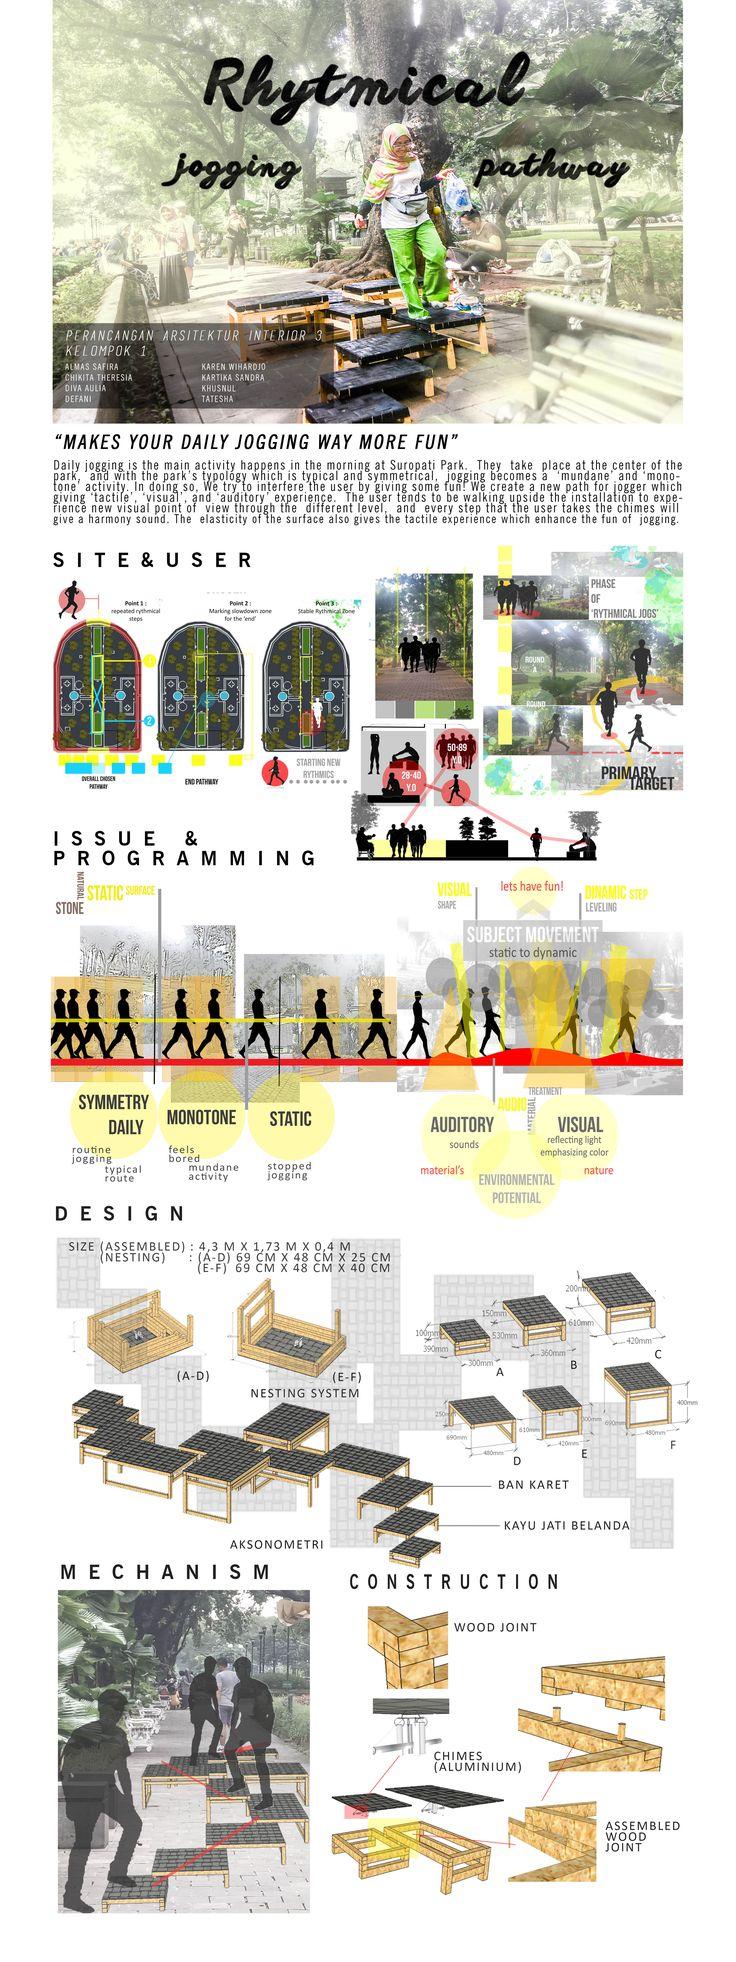 Presentasi digital singkat mengenai instalasi, dimulai dari site, konsep hingga konstruksi dan mekanisme instalasi.